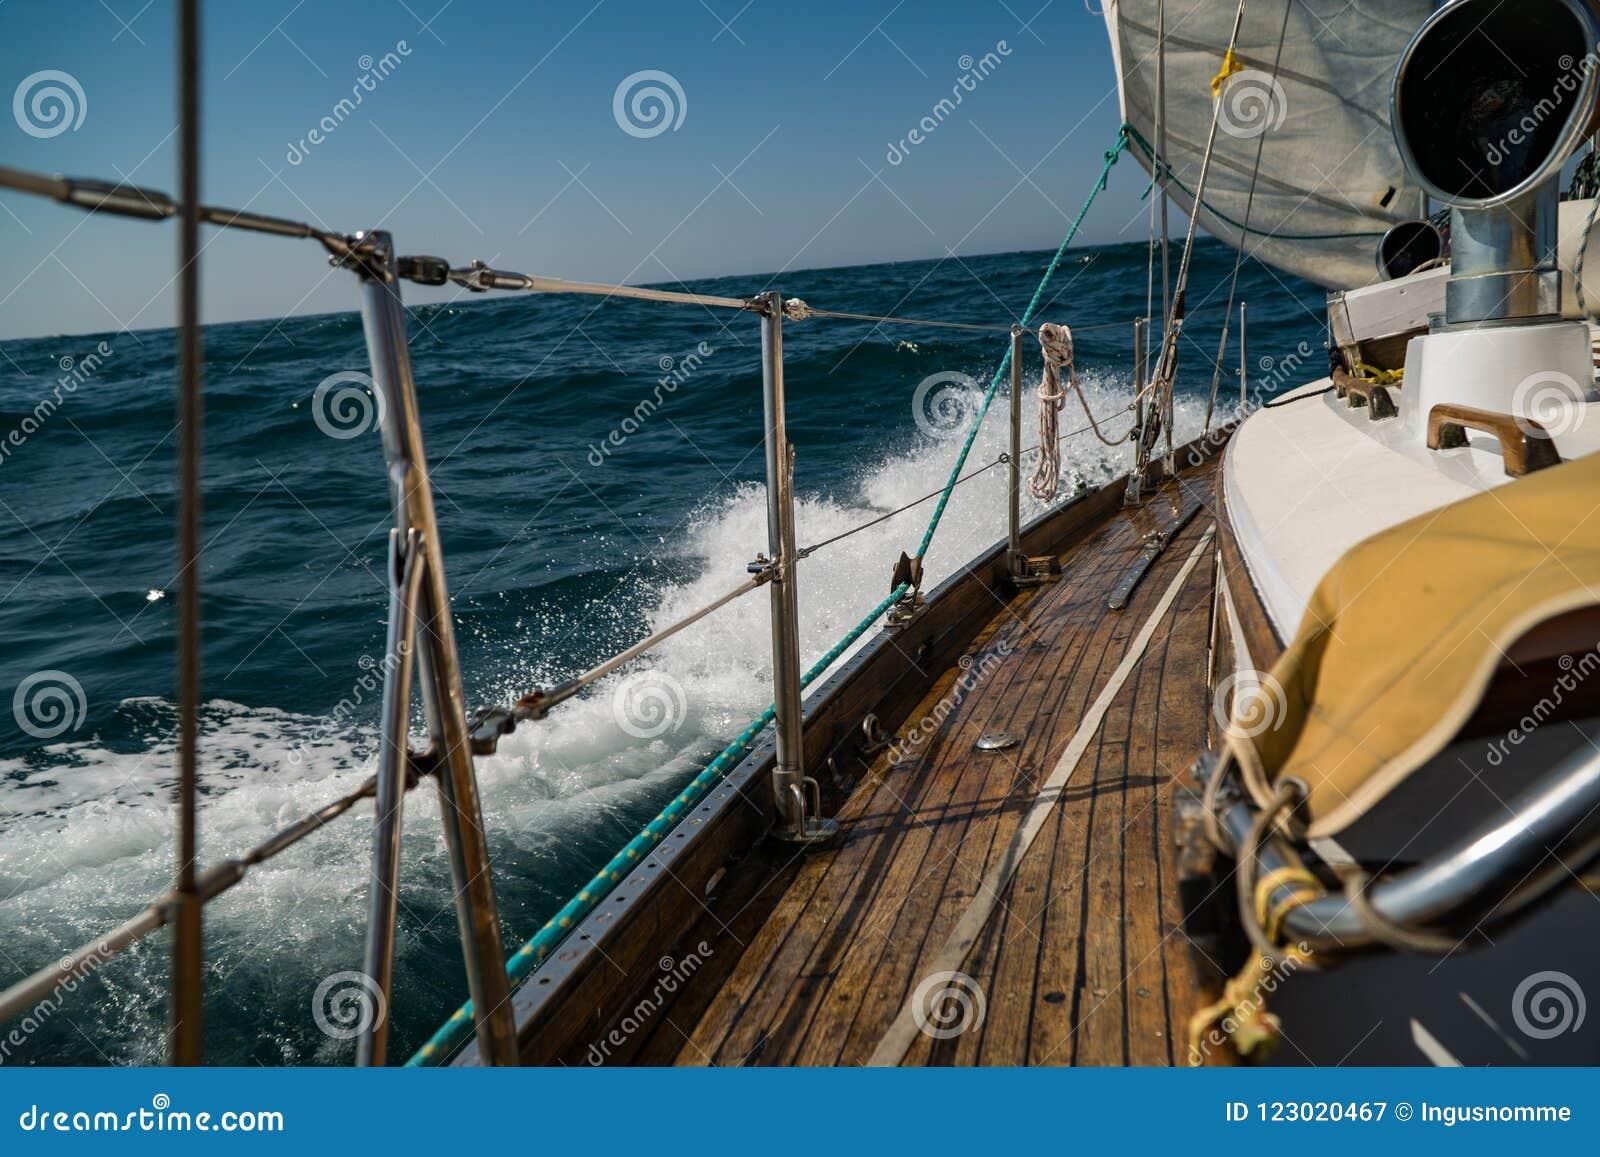 Sailing yachting Роскошный образ жизни И опасный